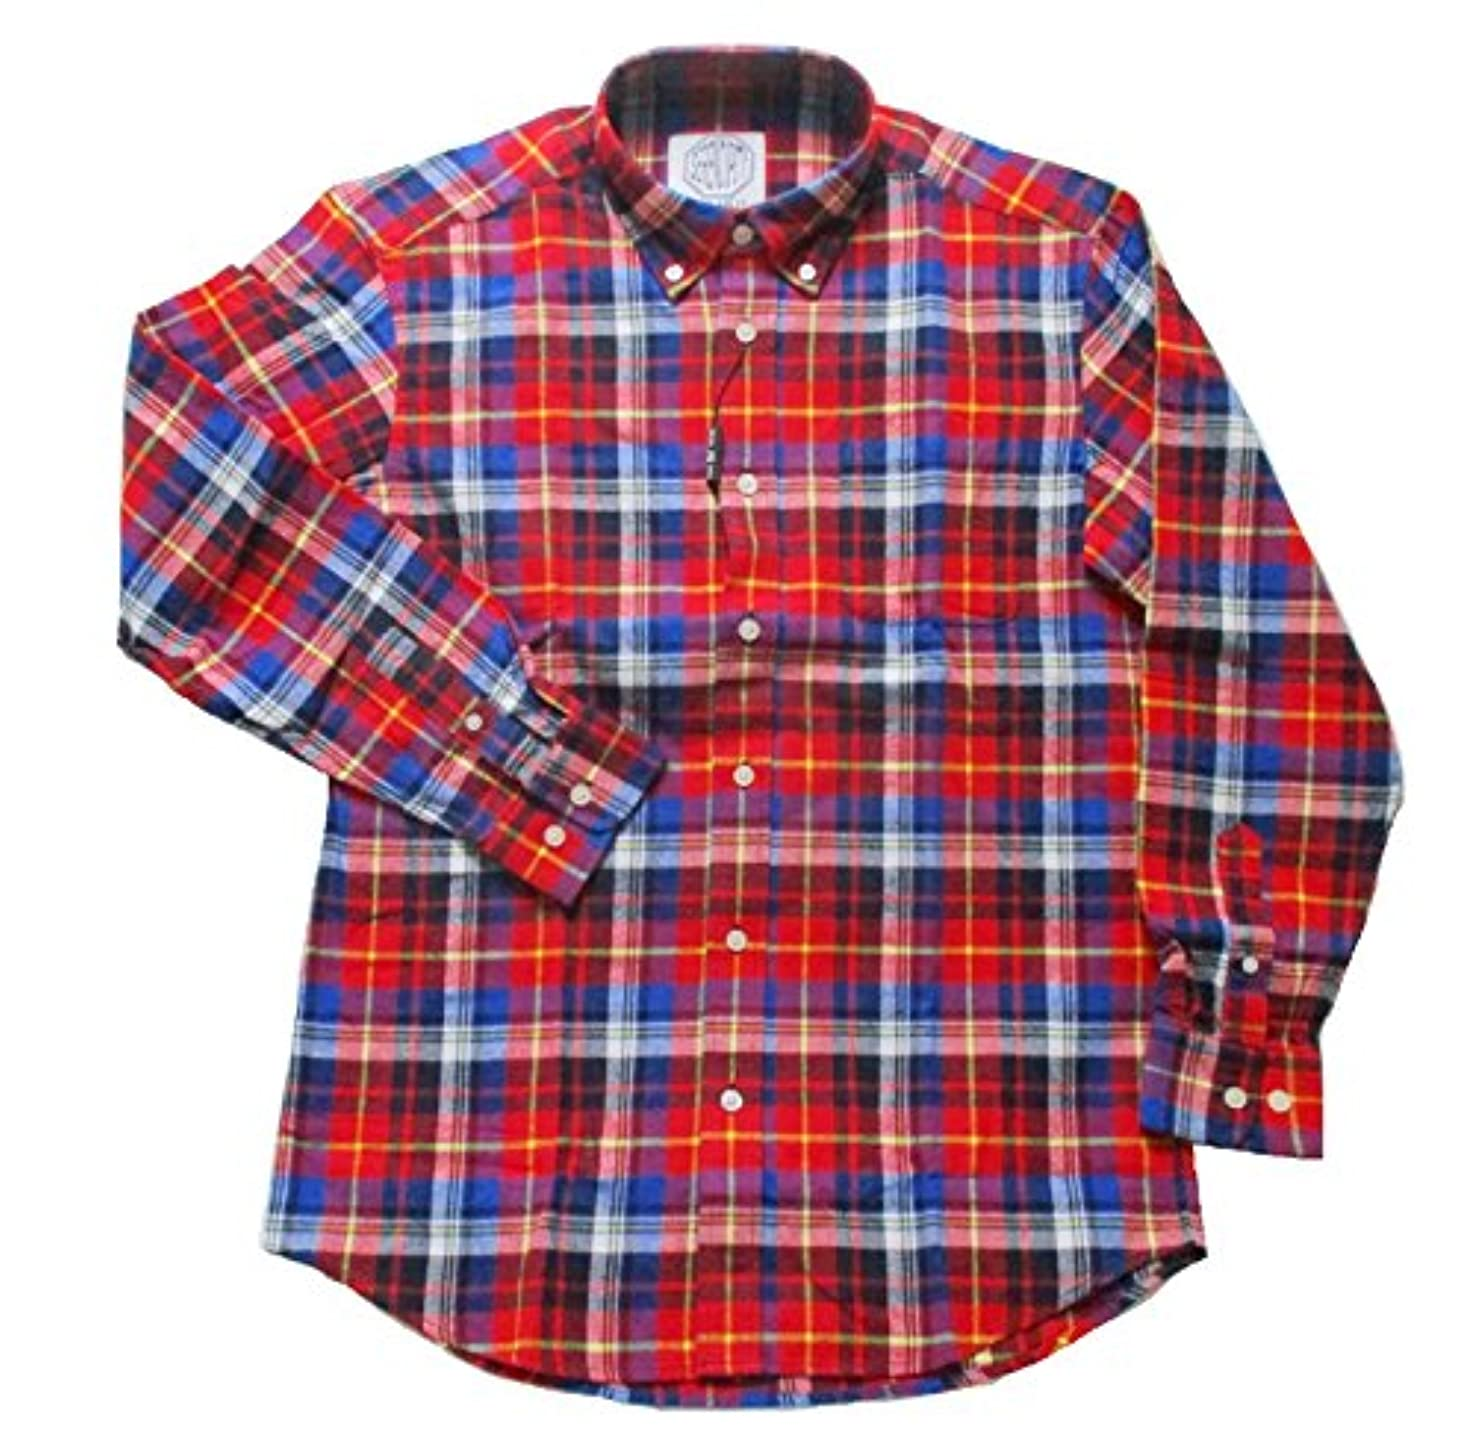 クッション評価するスリーブ(フェアヴァリュー)FAIRVALUE  ネルシャツ 長袖 ボタンダウンシャツ 綿100% (3L, レッド)